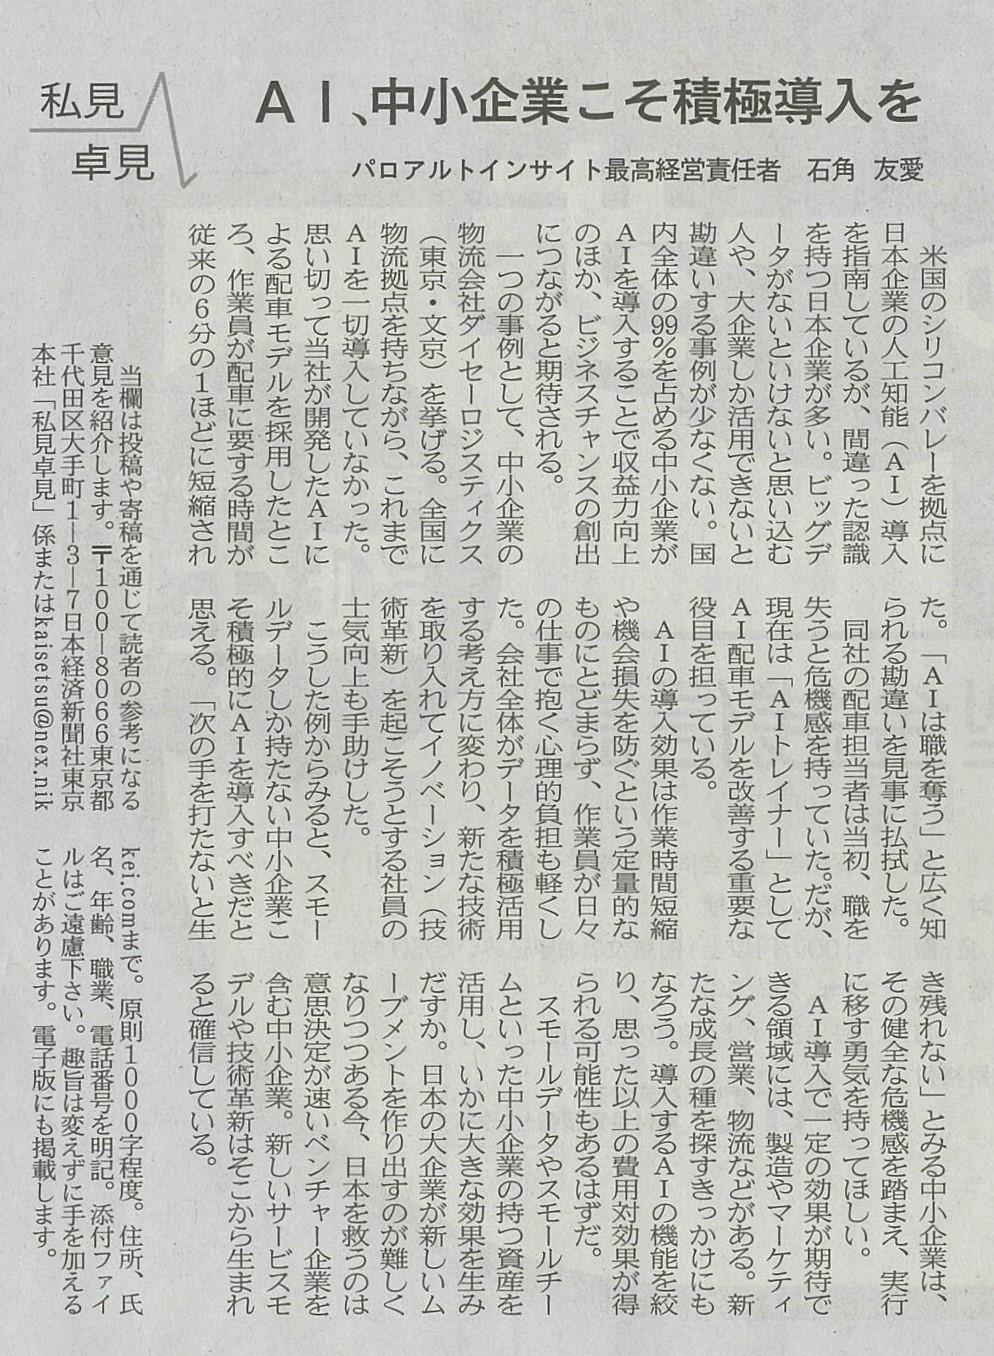 20190401石角友愛 日本経済新聞 .jpg